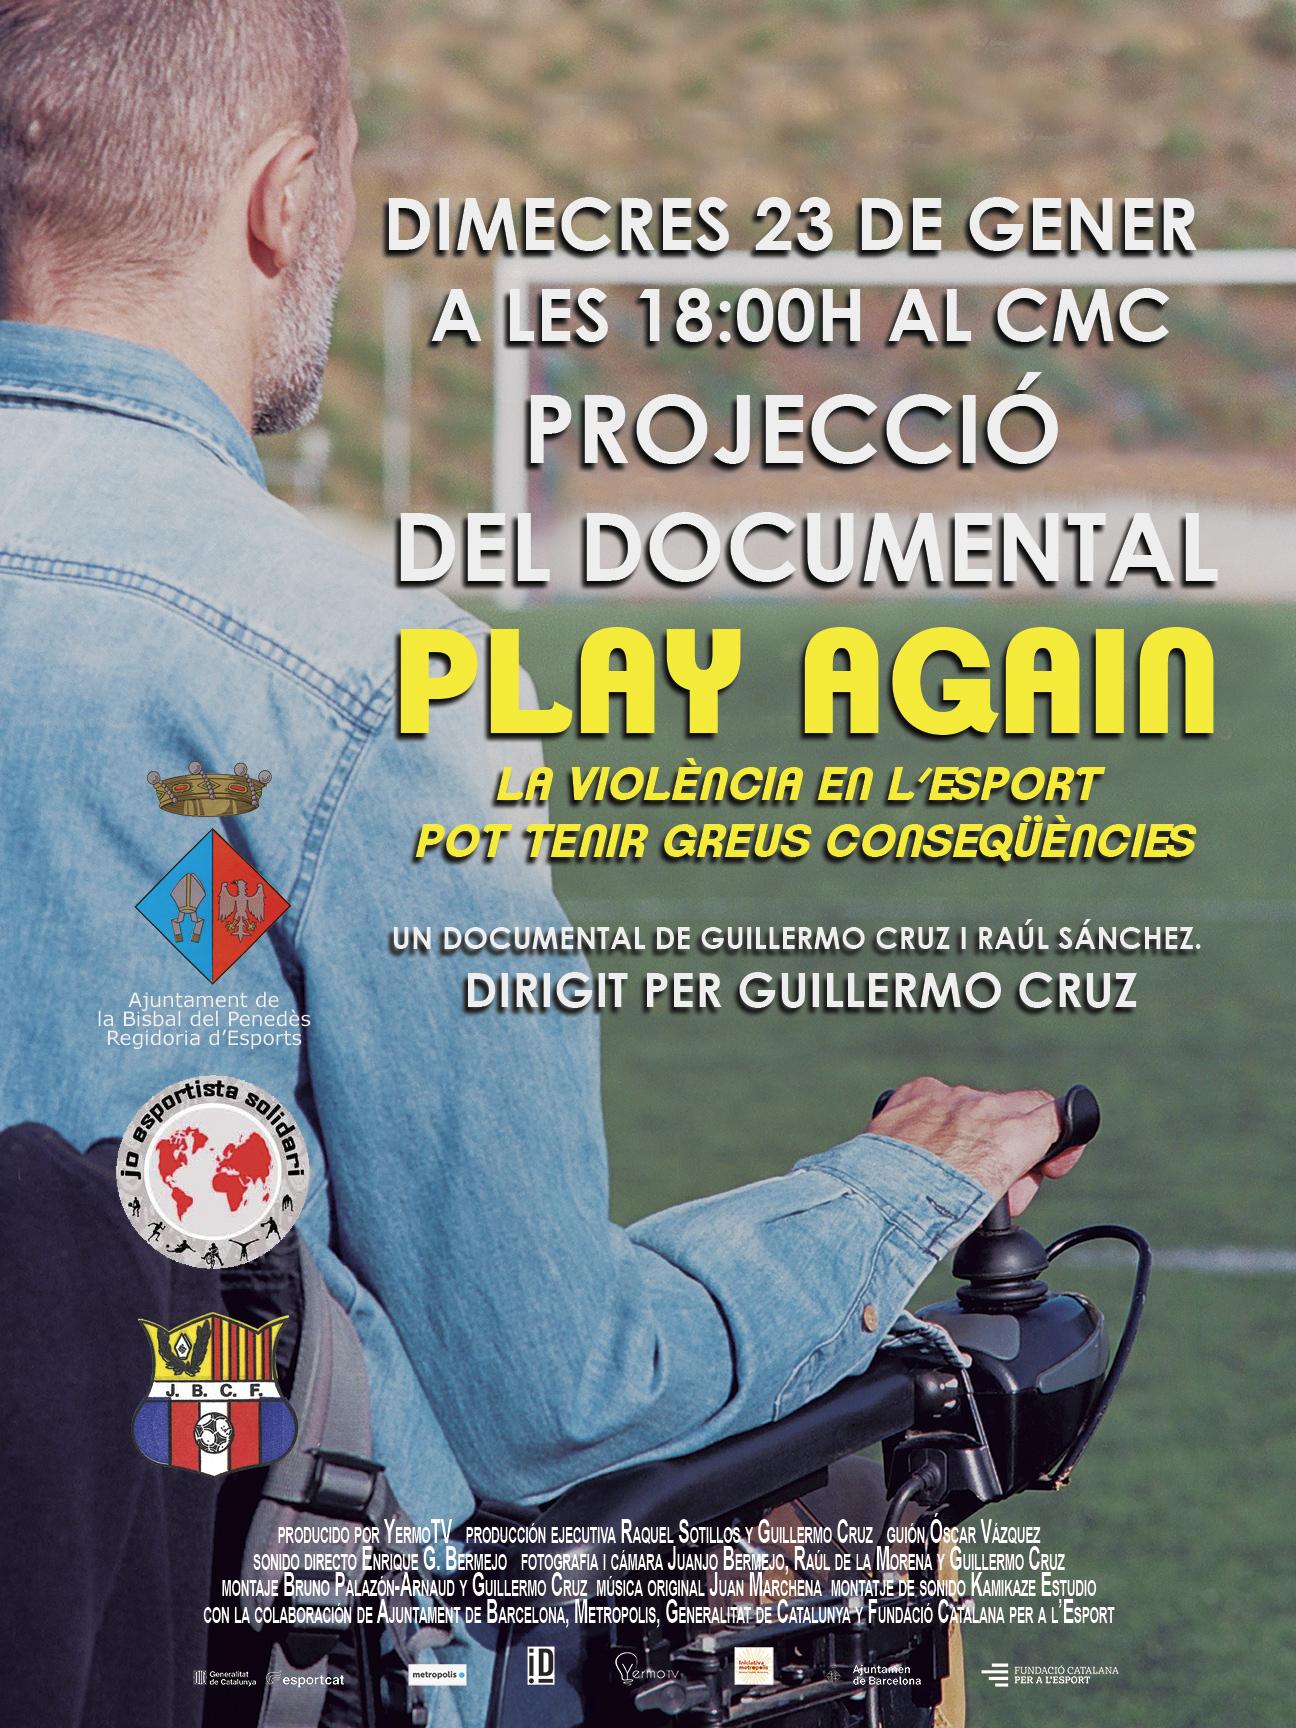 El CMC acollirà la projecció del documental '26 de abril, Play Again' el proper dimecres 23 de gener a les 18h